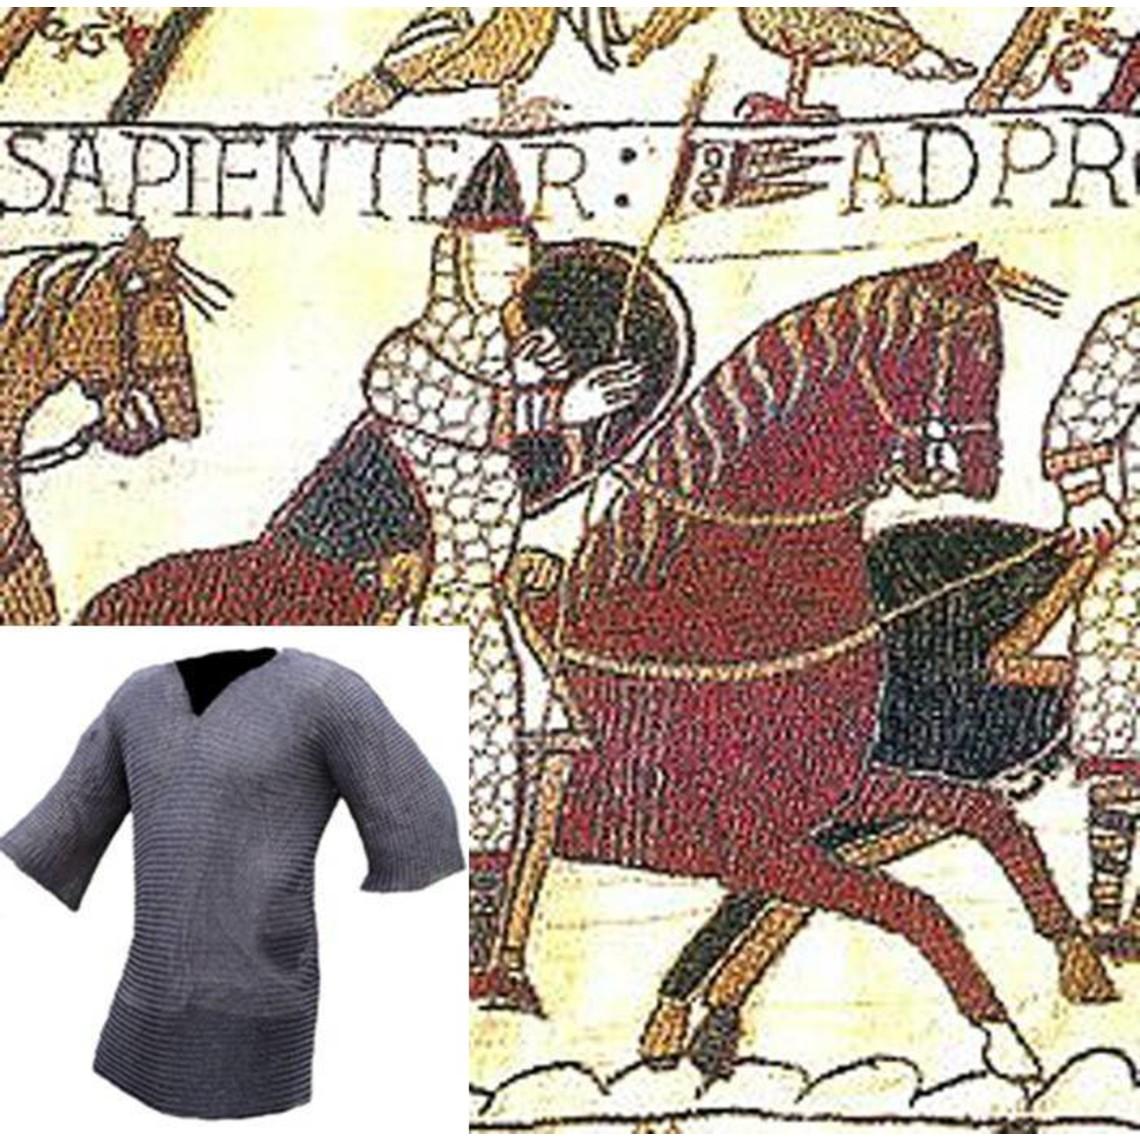 Ulfberth Kettenhemd mit halblangen Ärmeln, Flachringe - Rundnieten, 8 mm